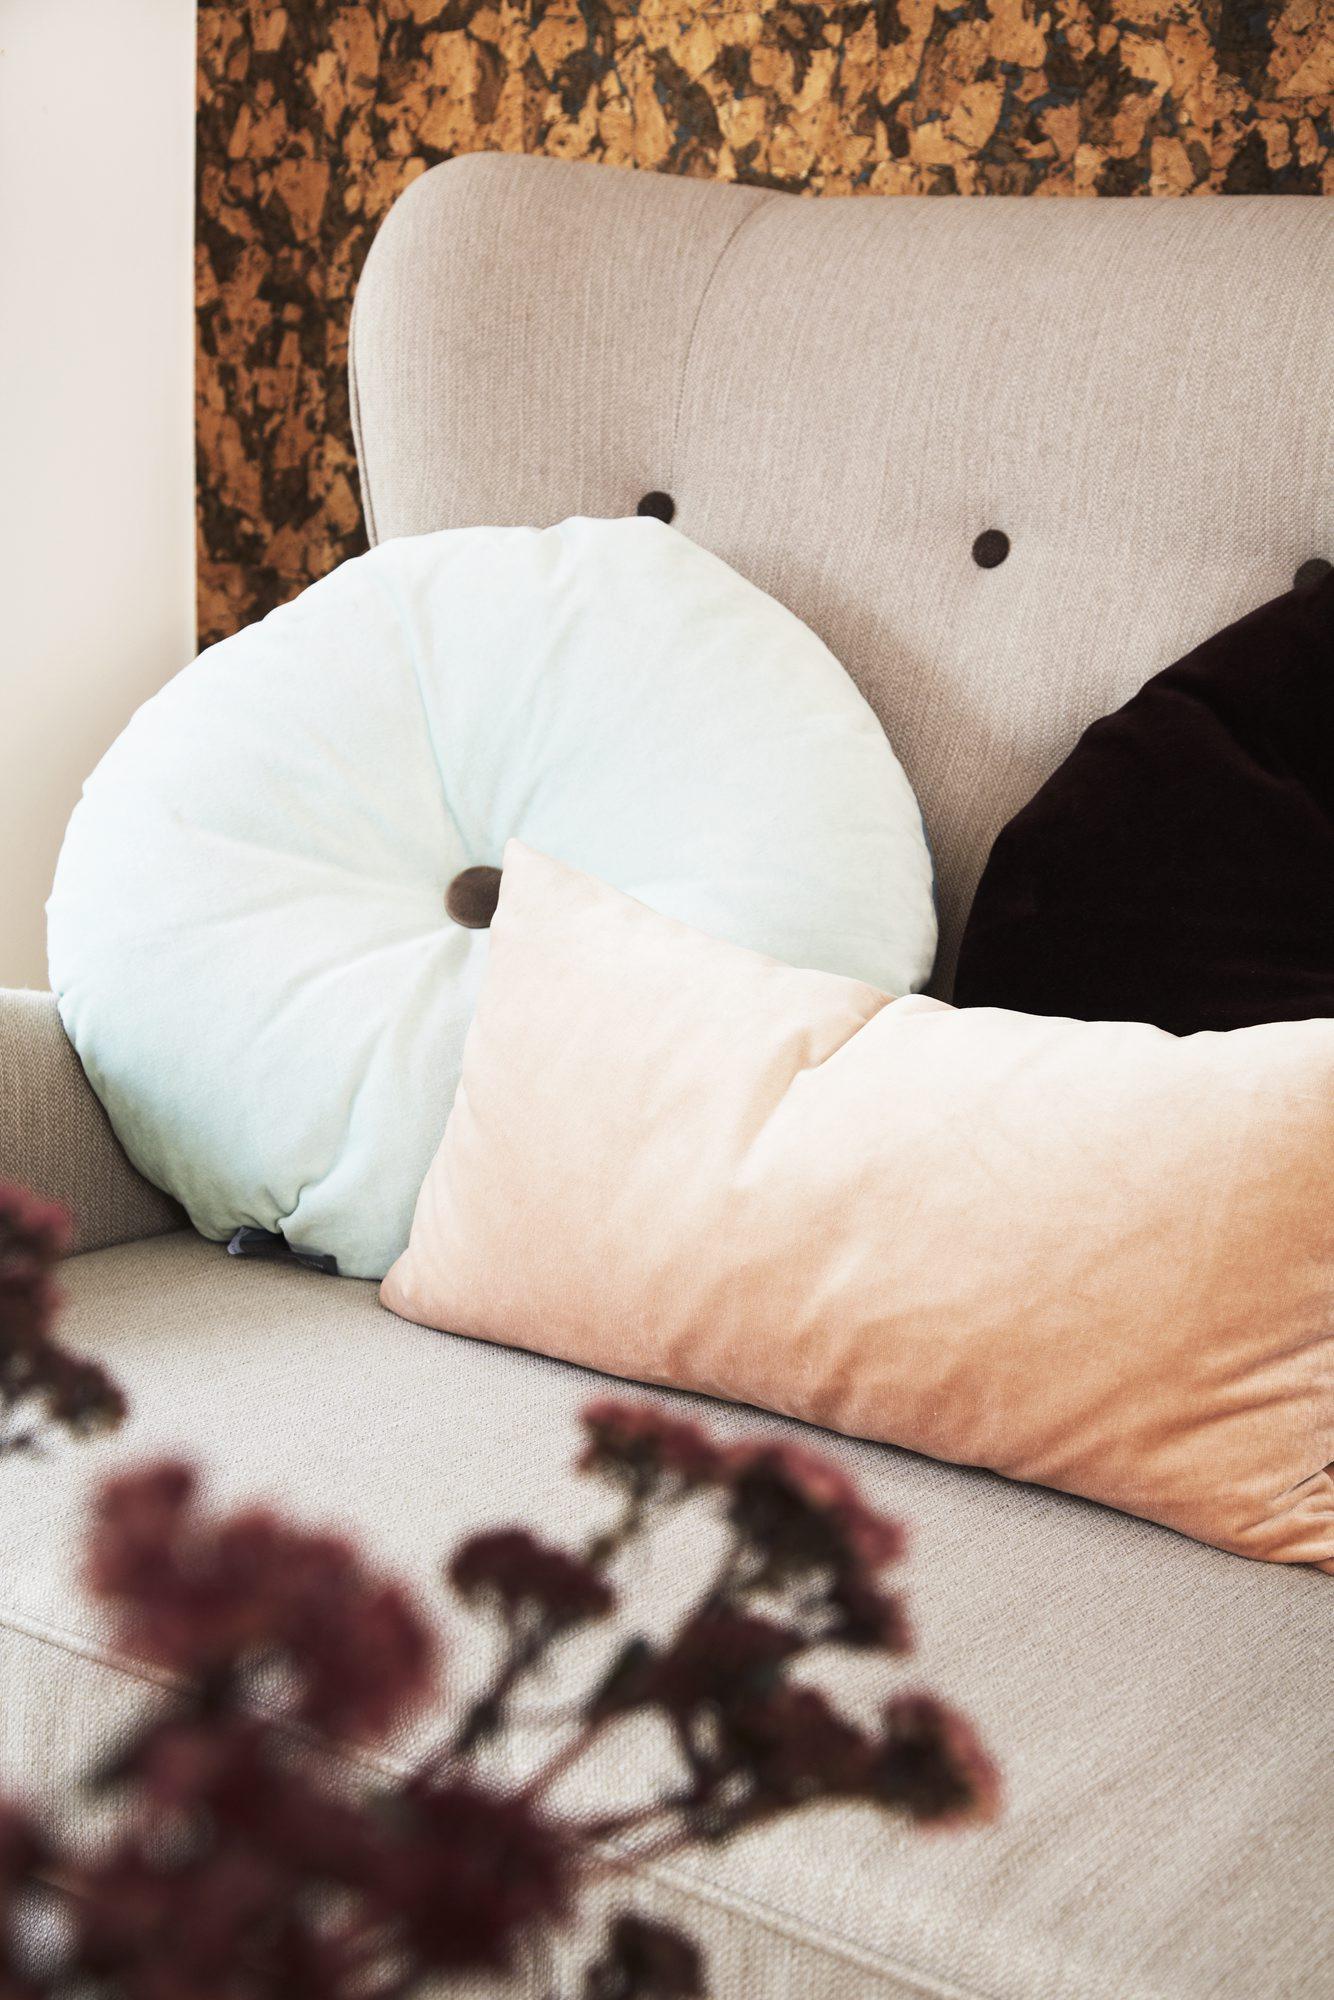 DETALJER: Sofa og lenestol fra Ilva, rund velpurpute fra Christina Lundsteen/Eske. FOTO: Anitta Behrendt